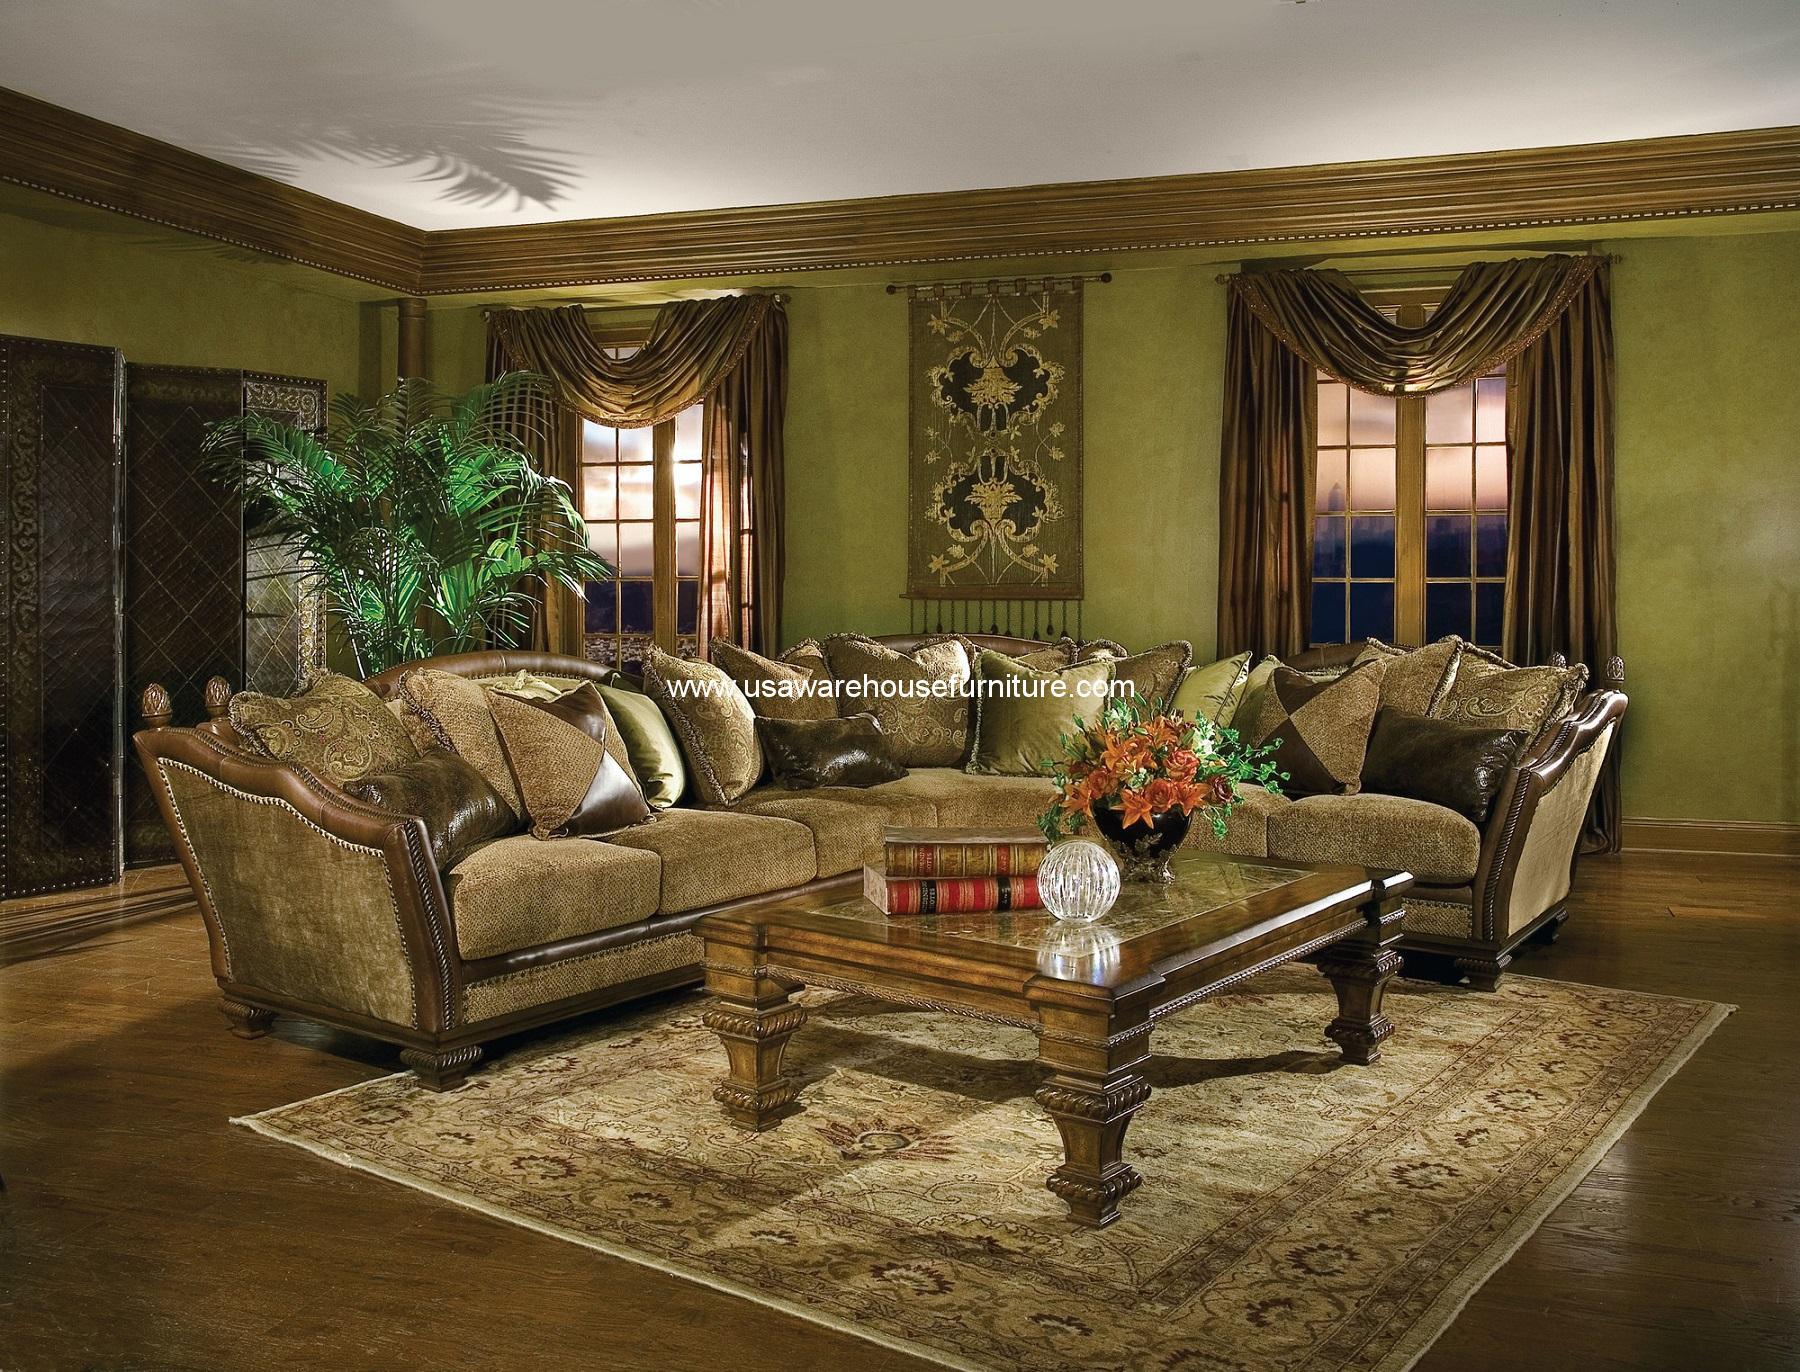 Italia Cordicella Sectional Sofa Set